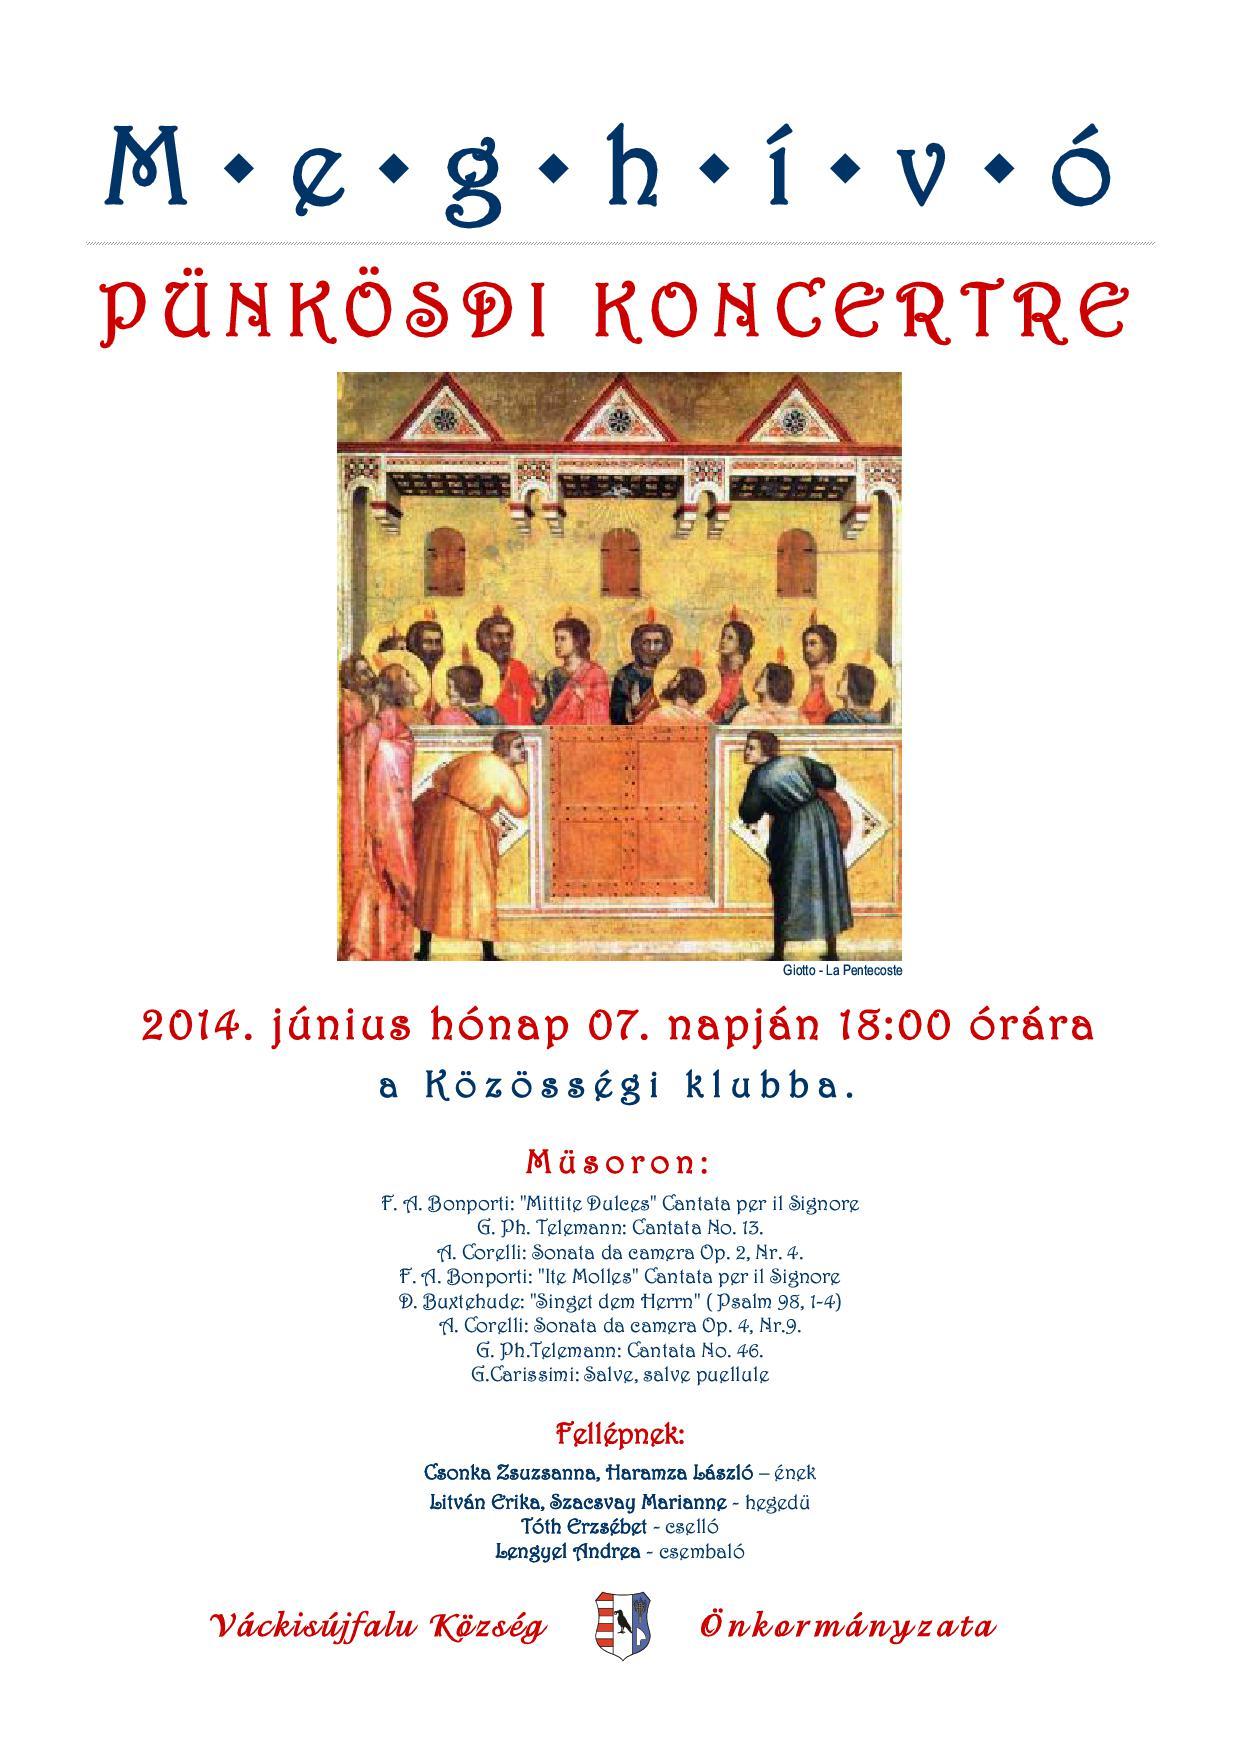 plakat_punkosdi_koncert-001